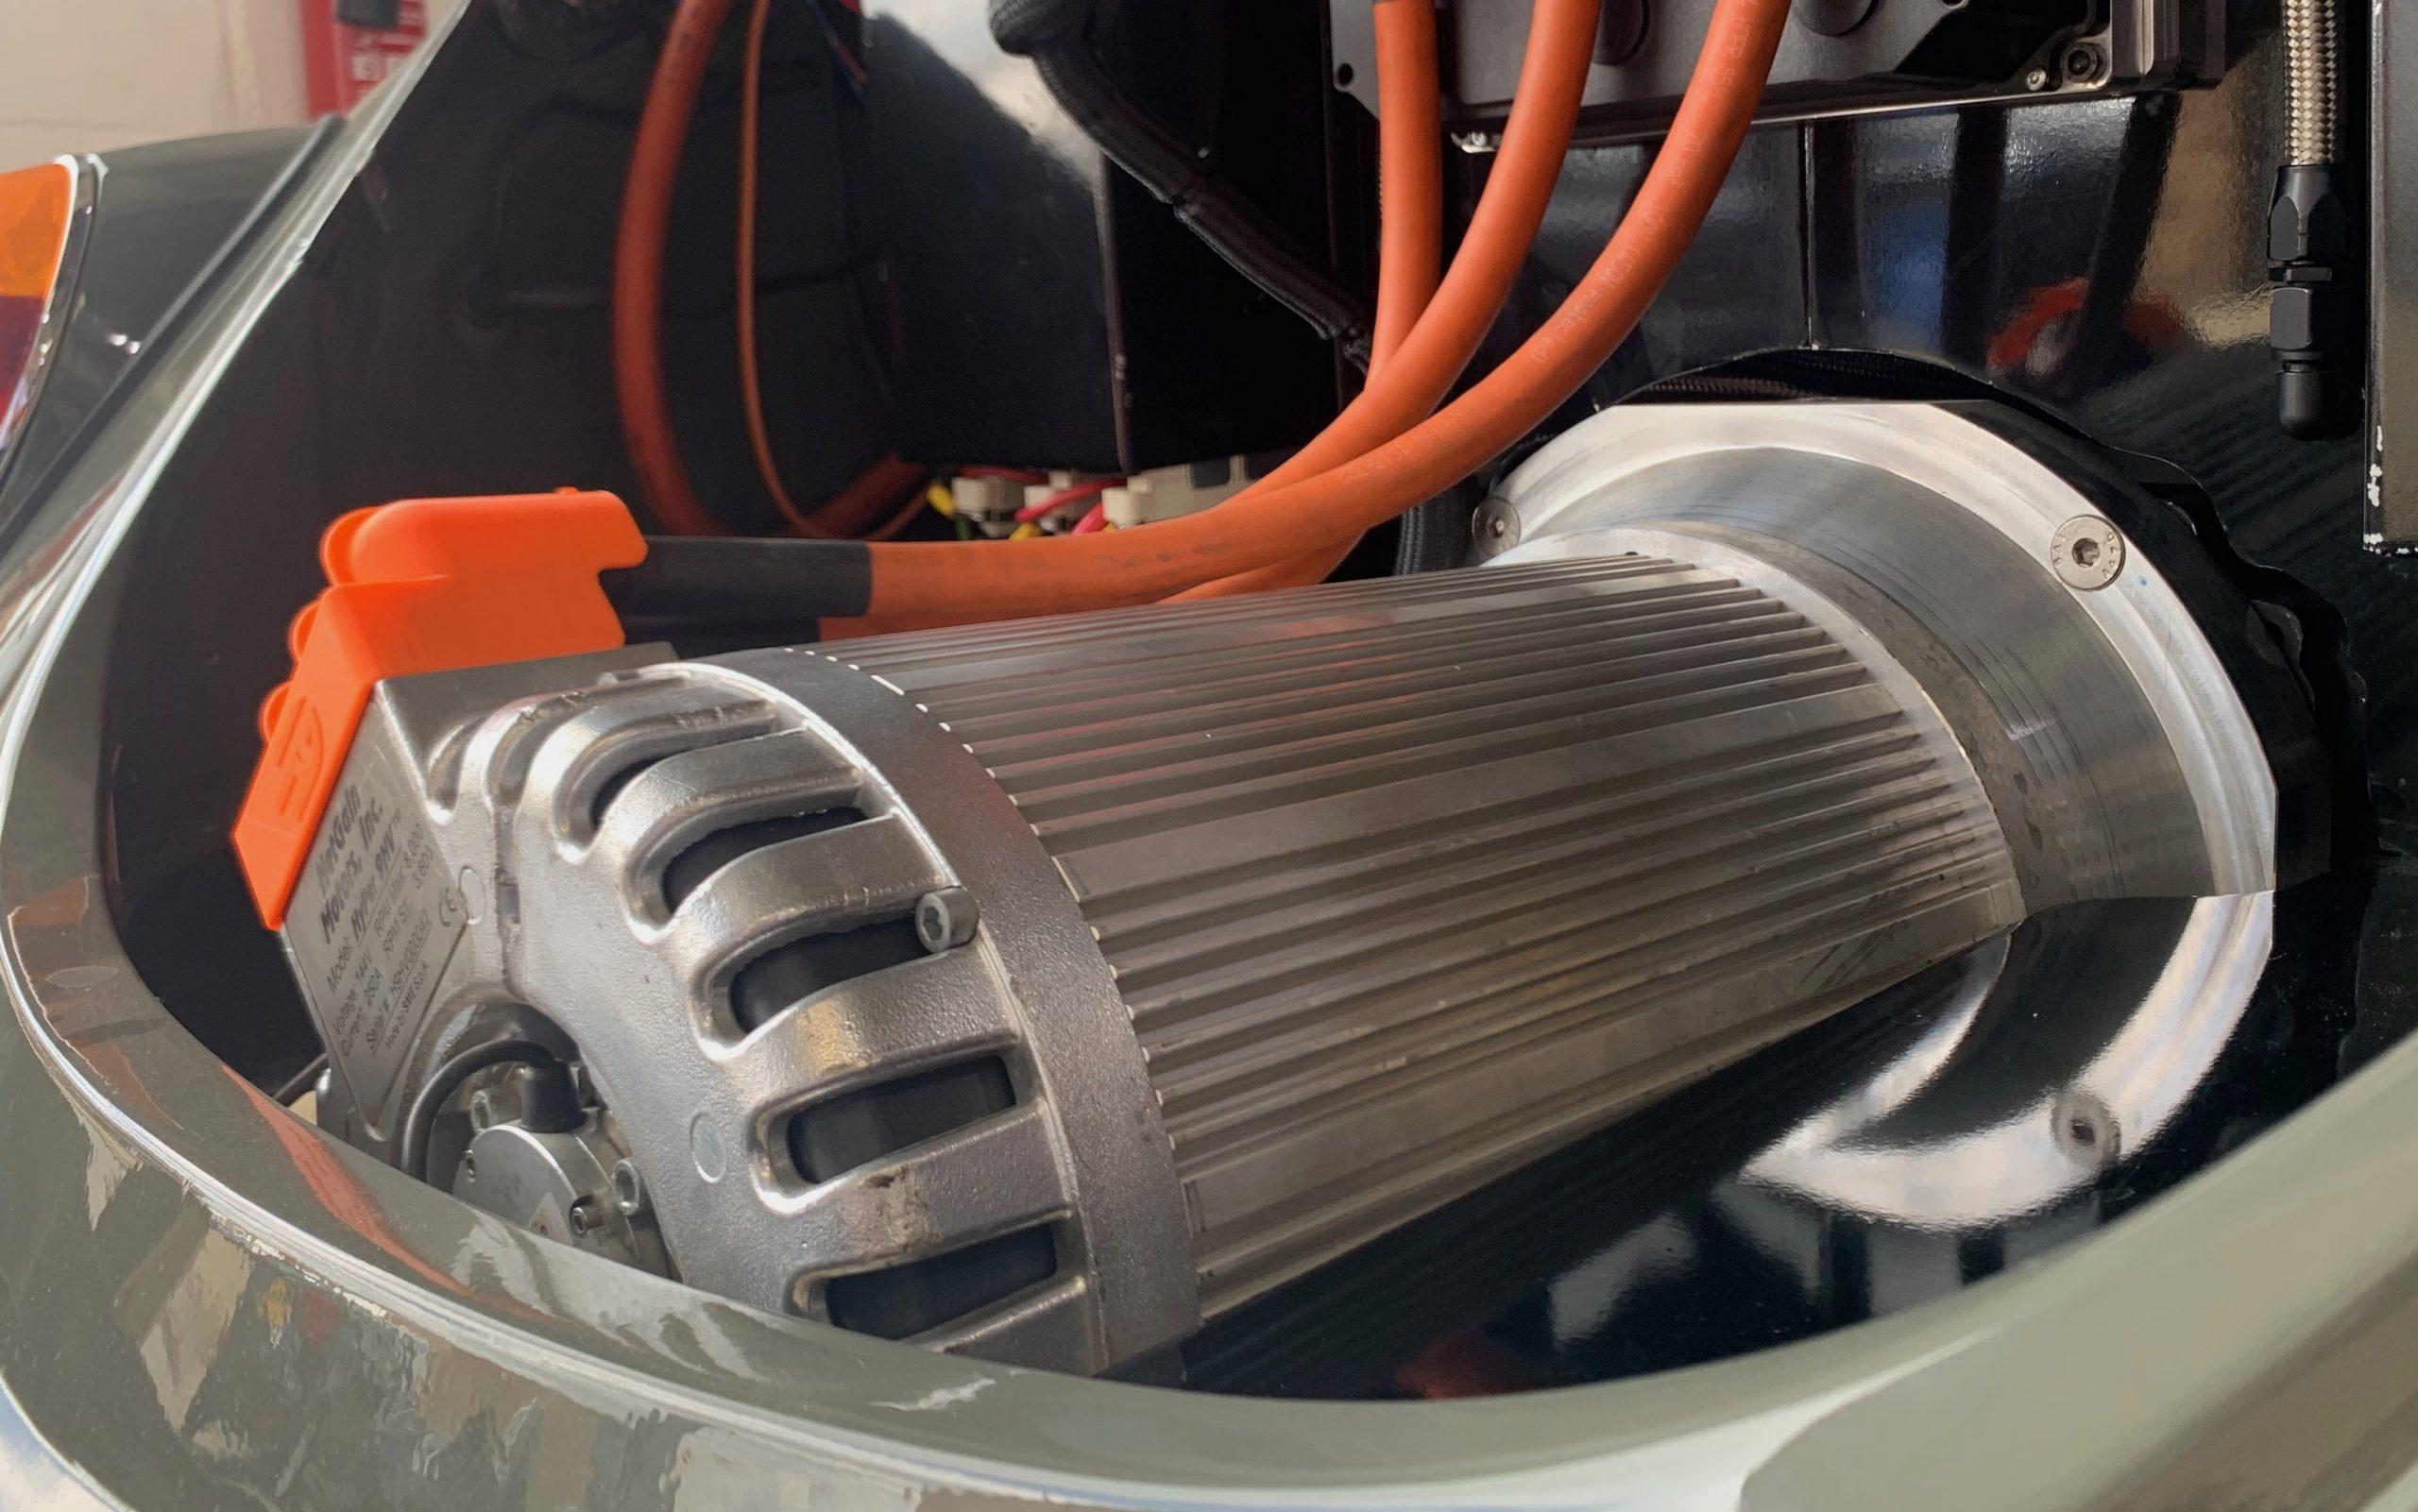 Netgain Hyper9 installed in VW Beetle